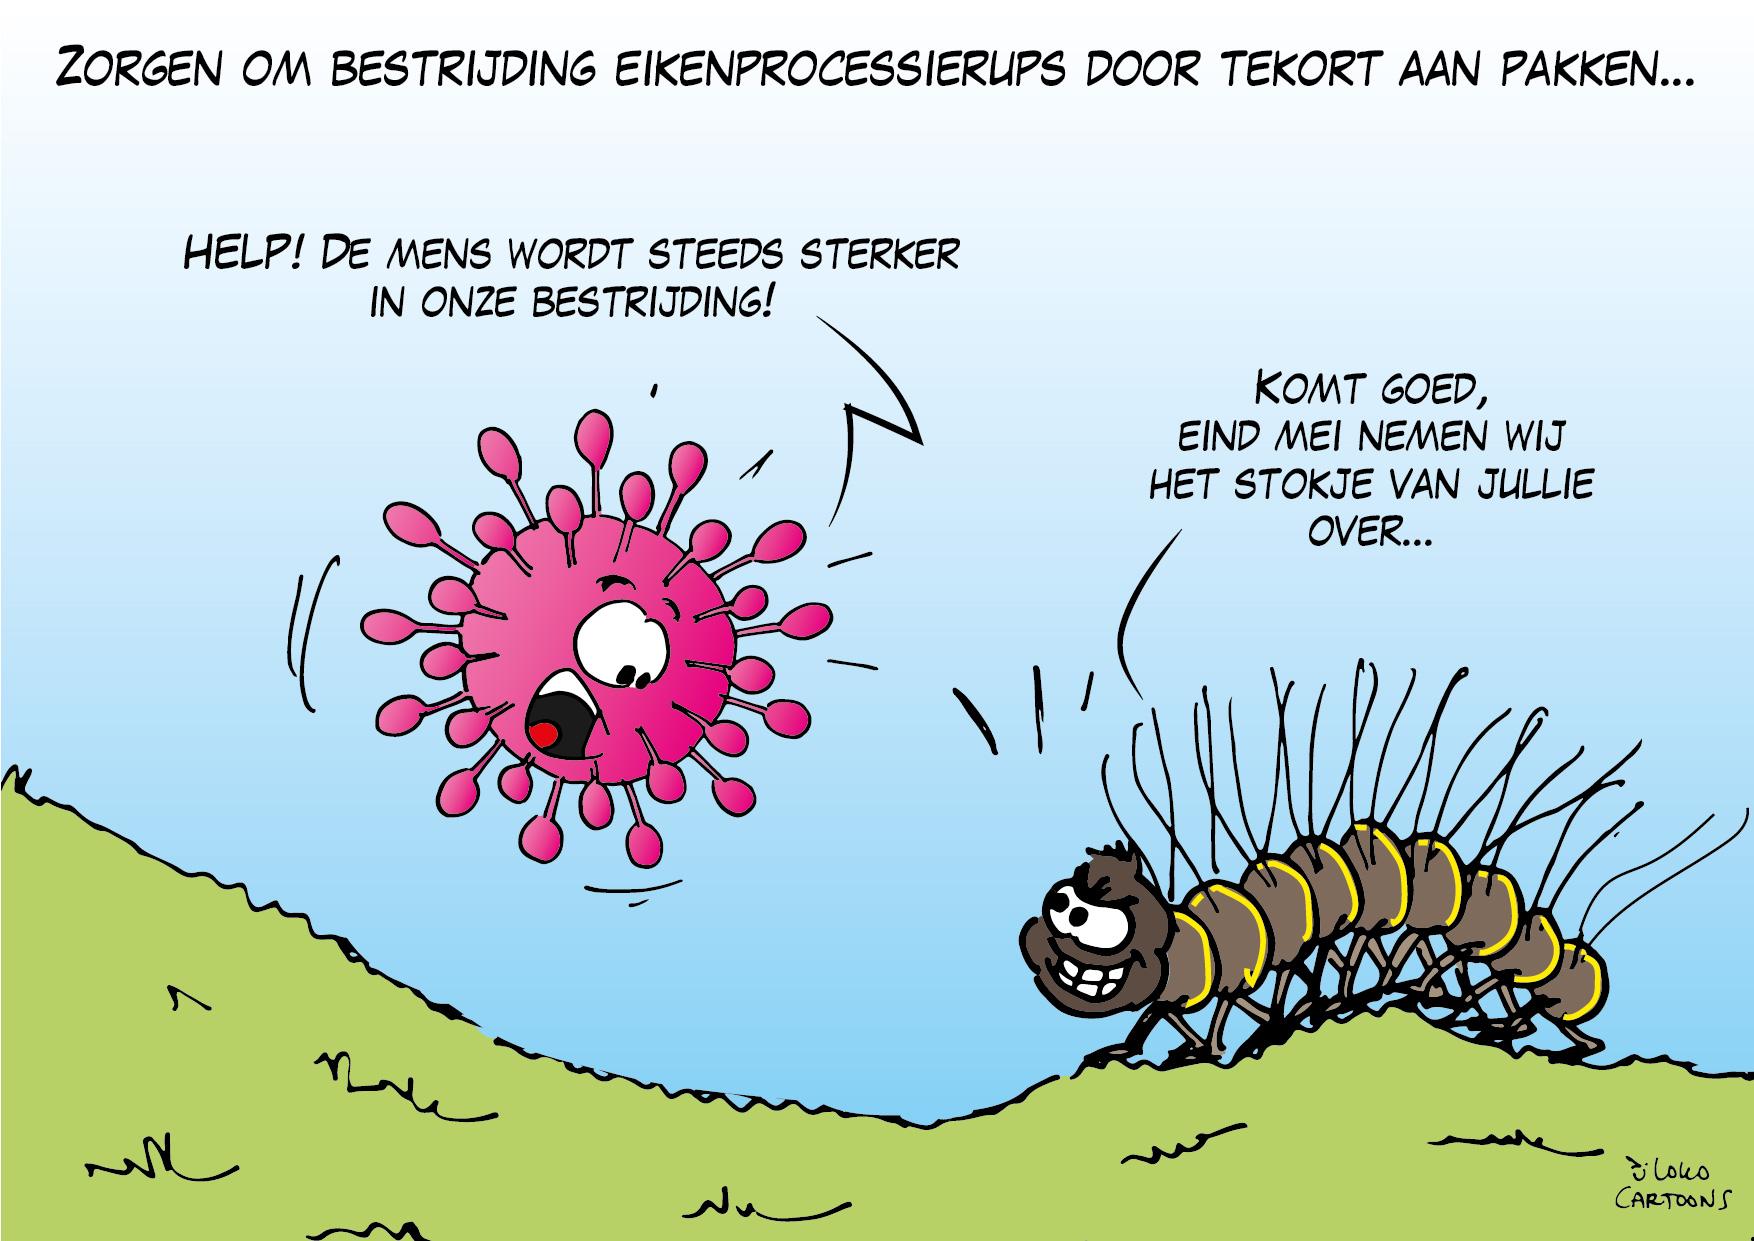 Zorgen om bestrijdig eikenprocessierups door tekort aan pakken…